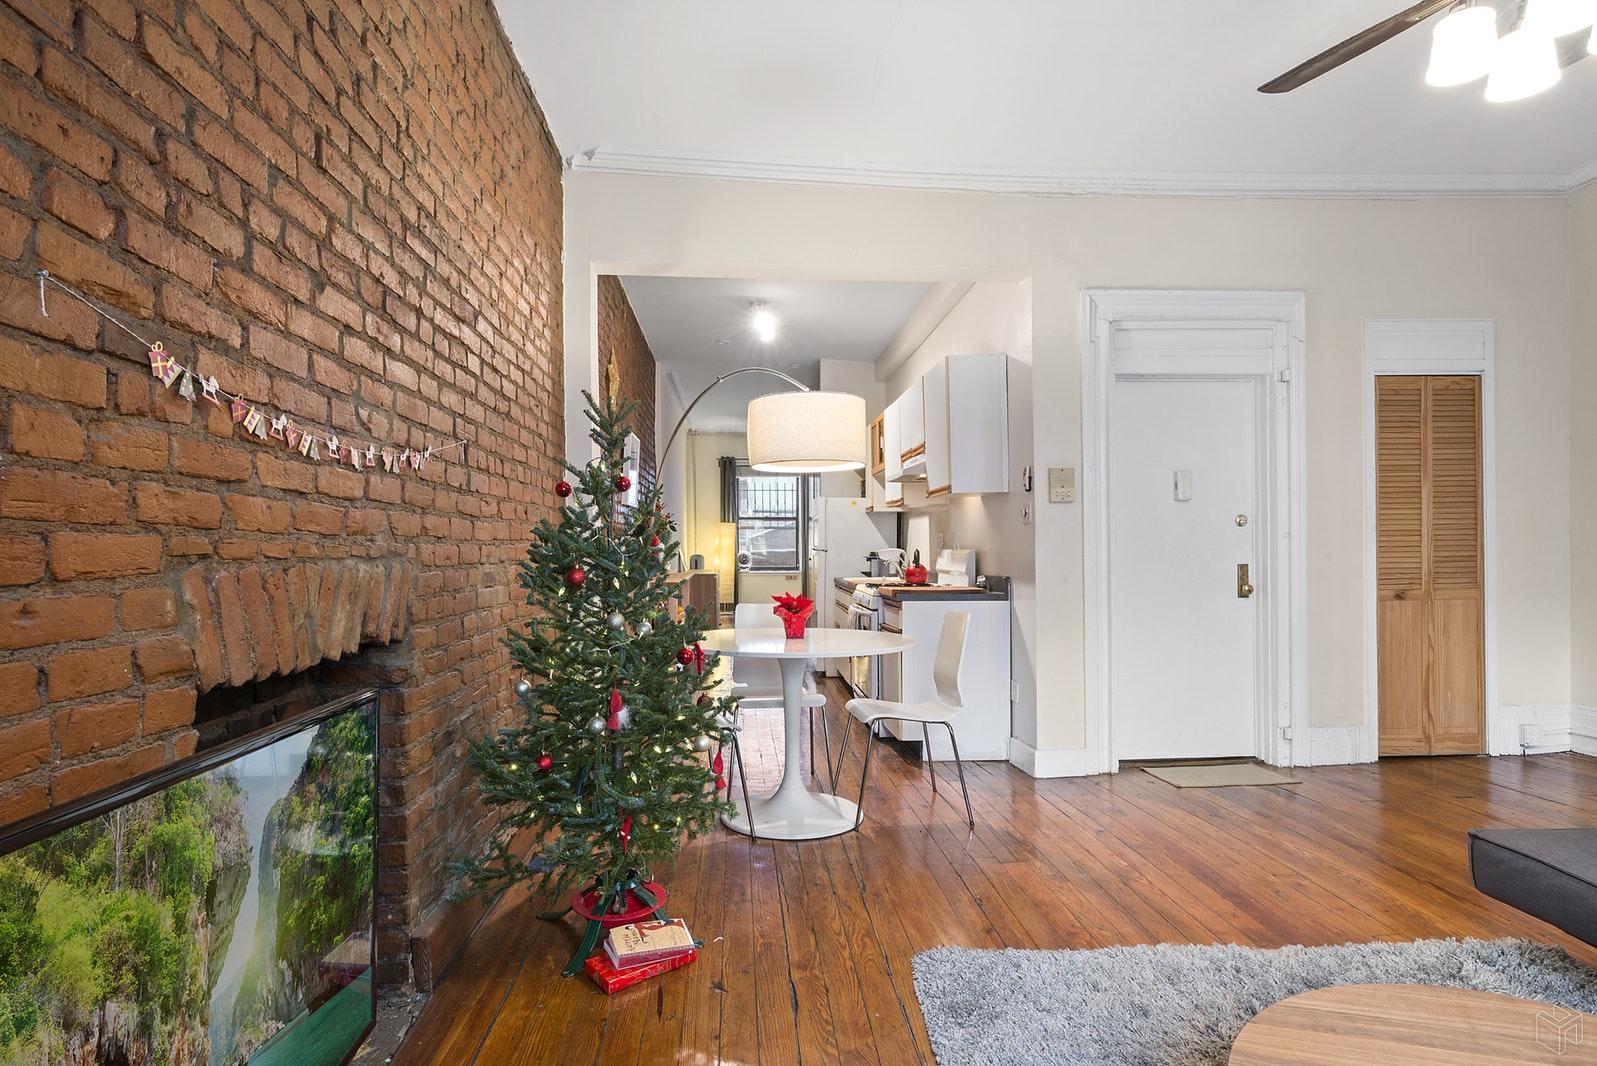 132 WEST 23RD STREET 3, Chelsea, $3,250, Web #: 19508033